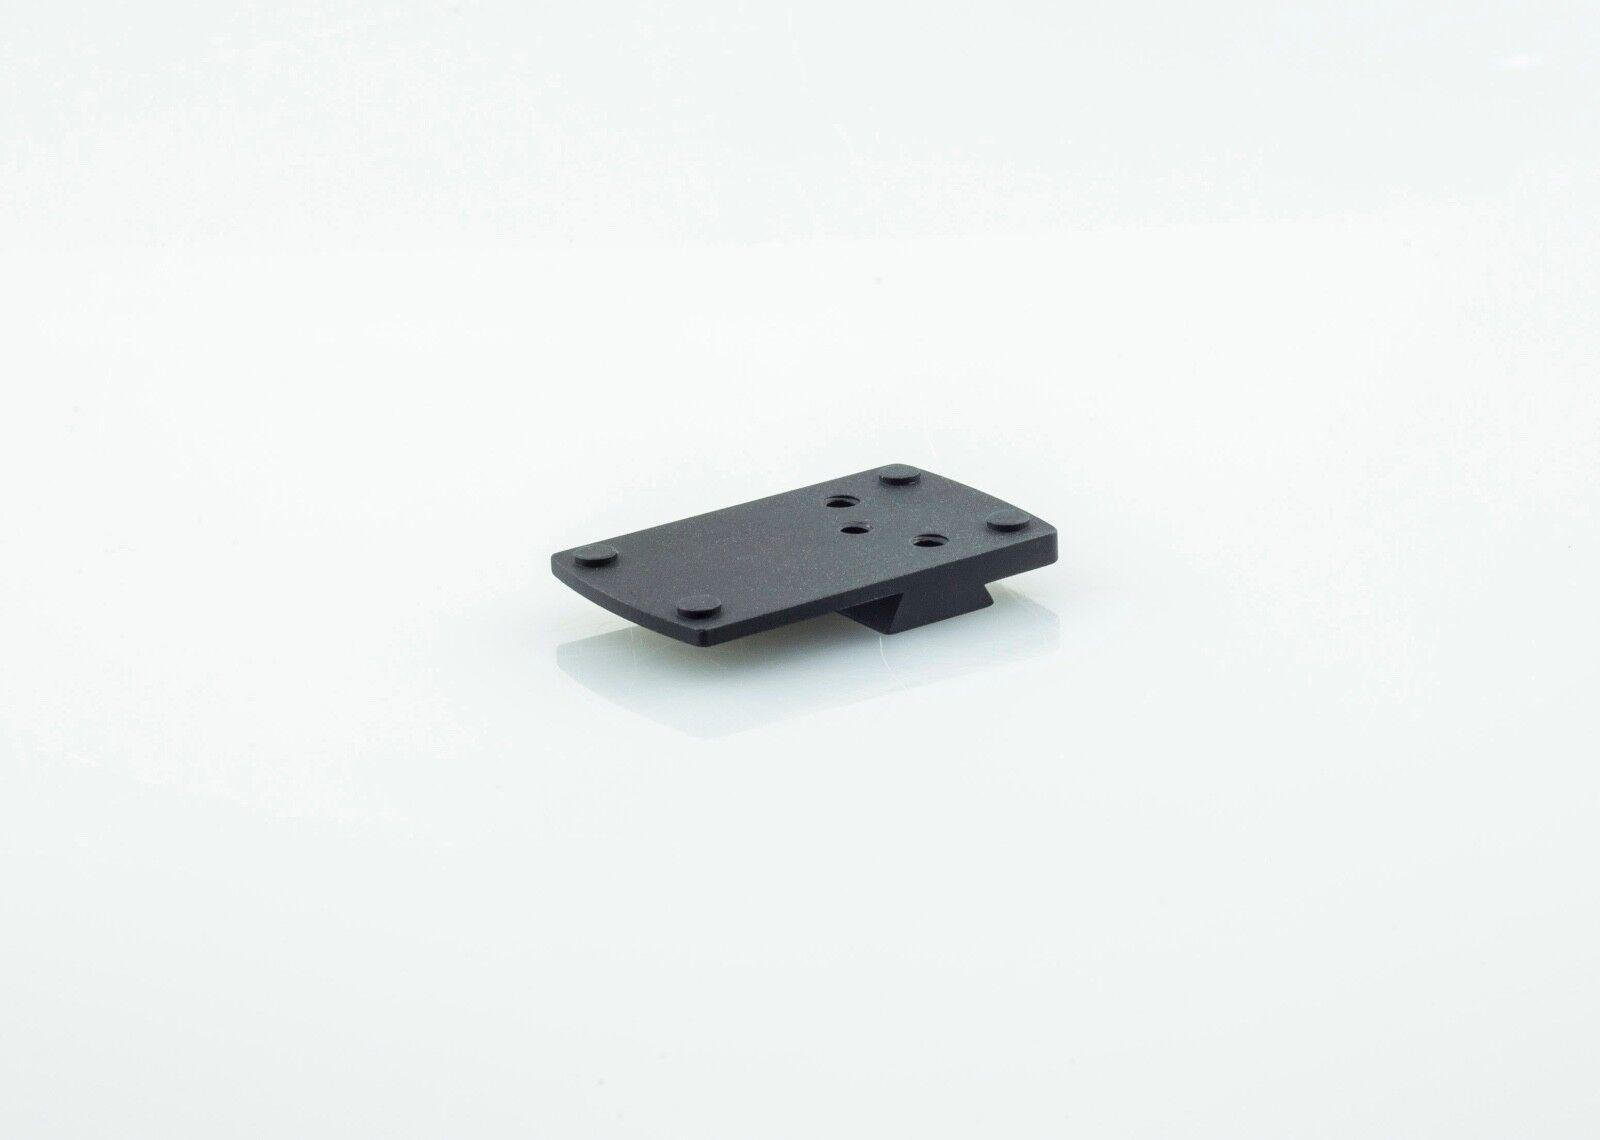 Shield Mini vue SMS jpoint 8MOA Red Dot & Kit Pistolet queue d'aronde Kit & de montage pour Glock 571310